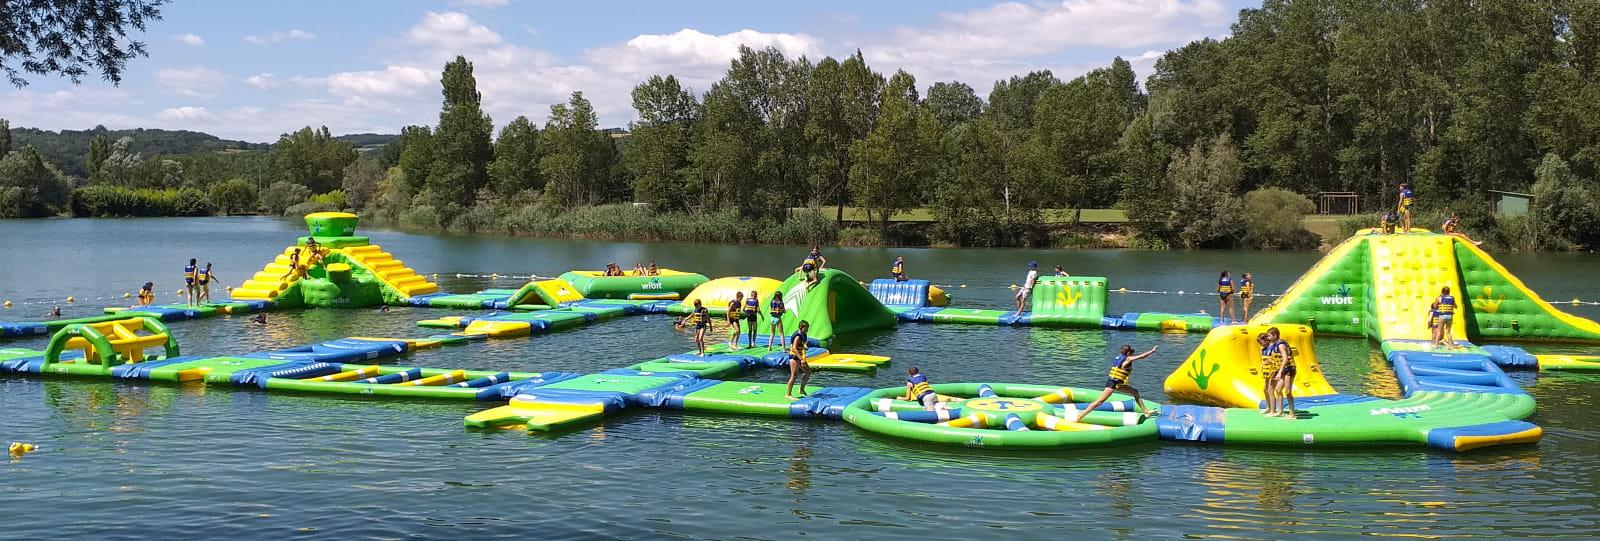 Parcours aqualudique Slidesparc